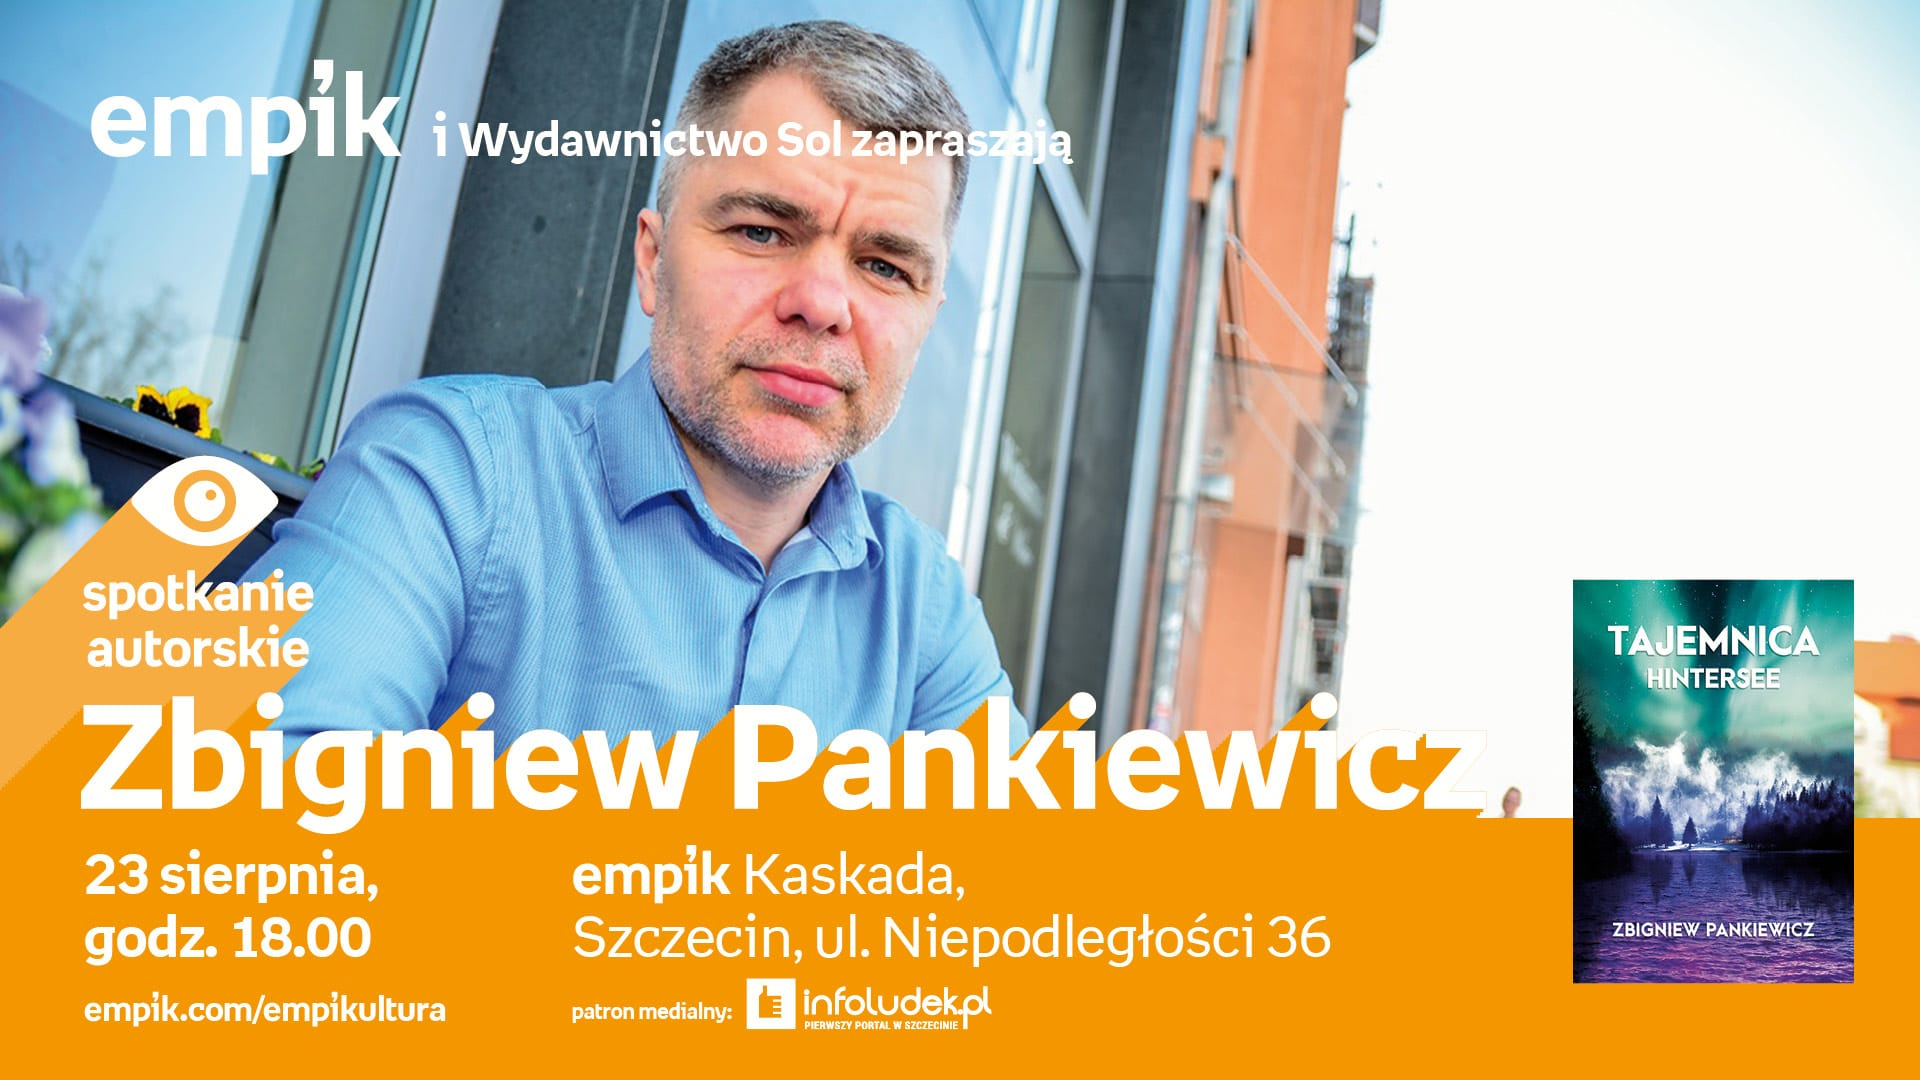 Spotkanie autorskie: Zbigniew Pankiewicz